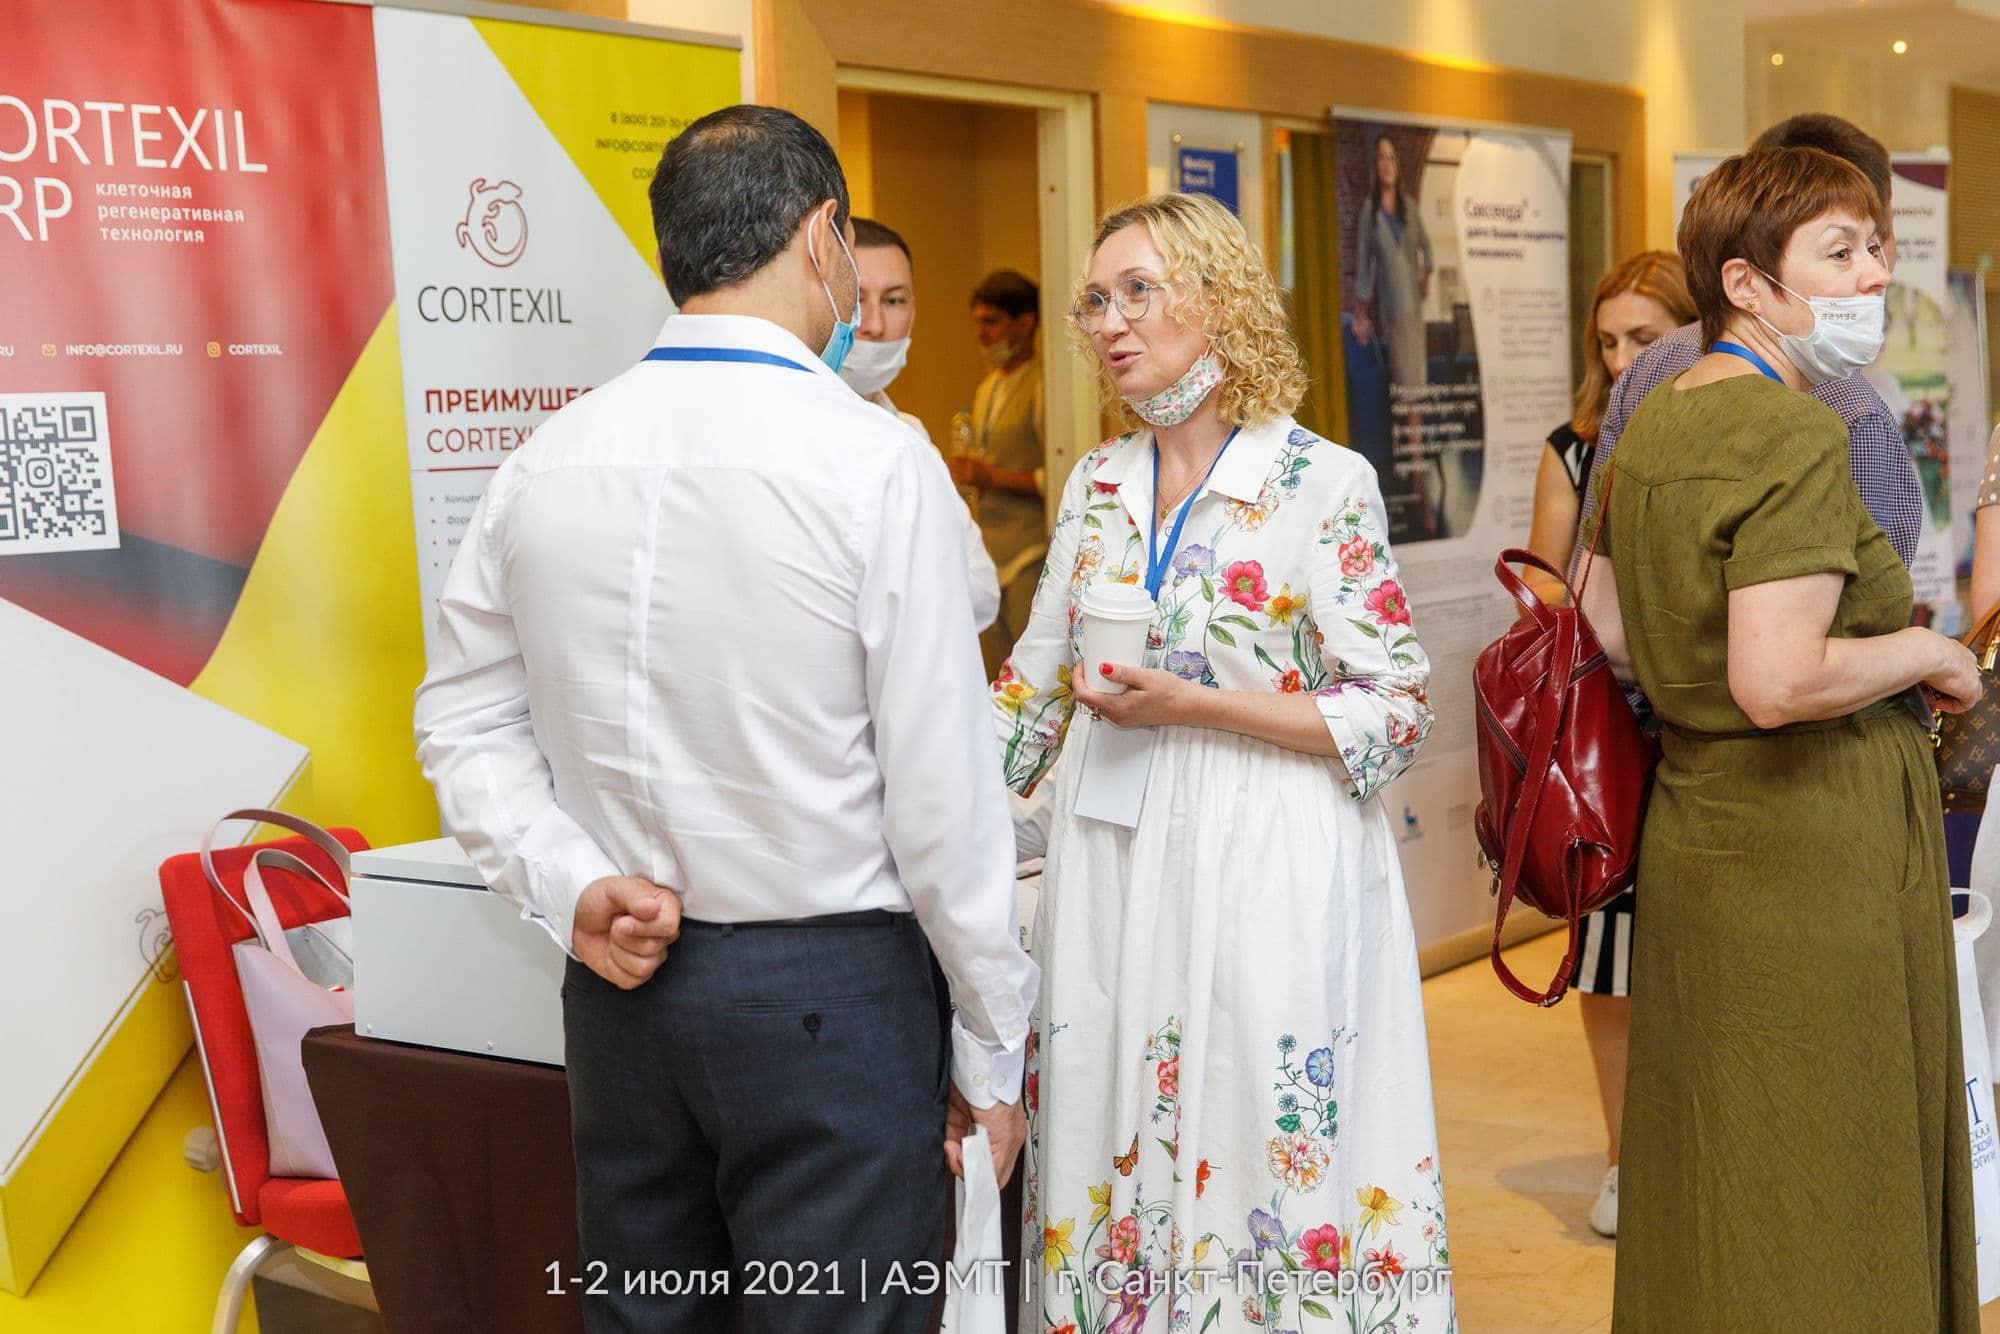 Ассамблея по эстетической медицины и трихологии с международным участием. АЭМТ 1-2.07.2021, г. Санкт-Петербург (отель ParkInn Pulkovskaya)